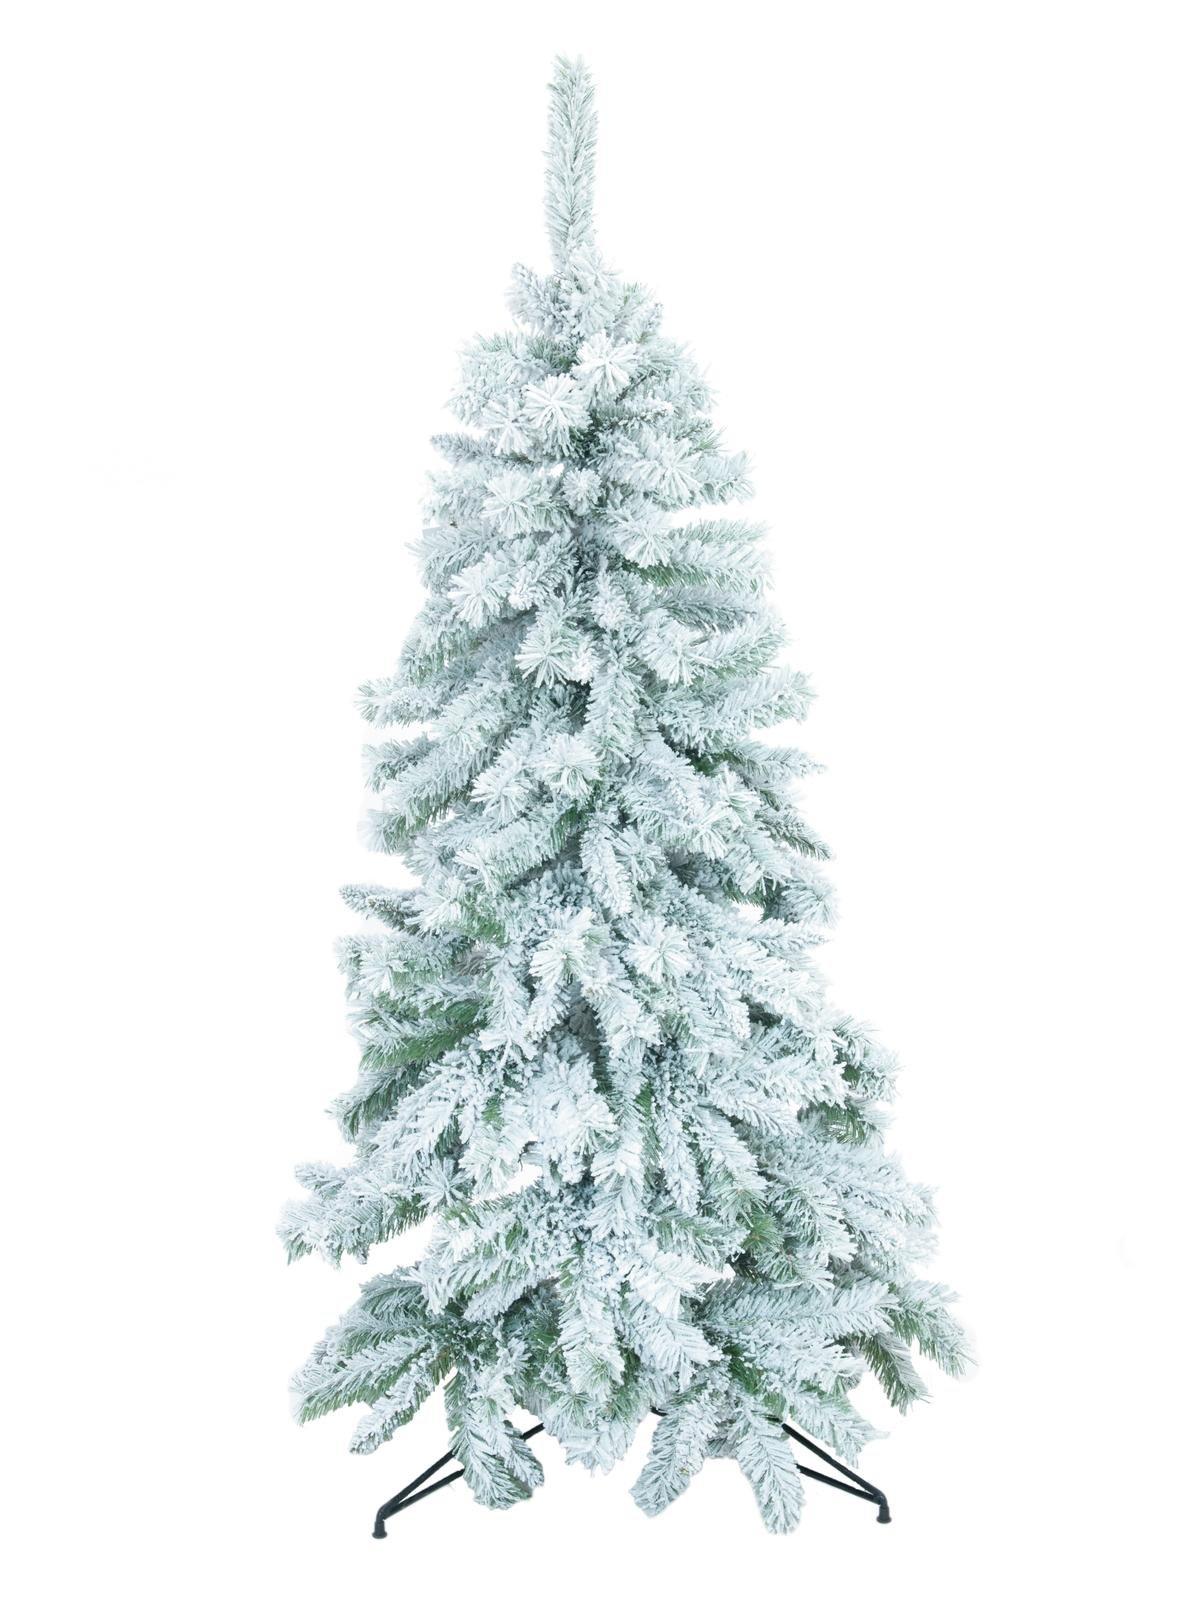 sapin-artificiel-avec-neige-150cm